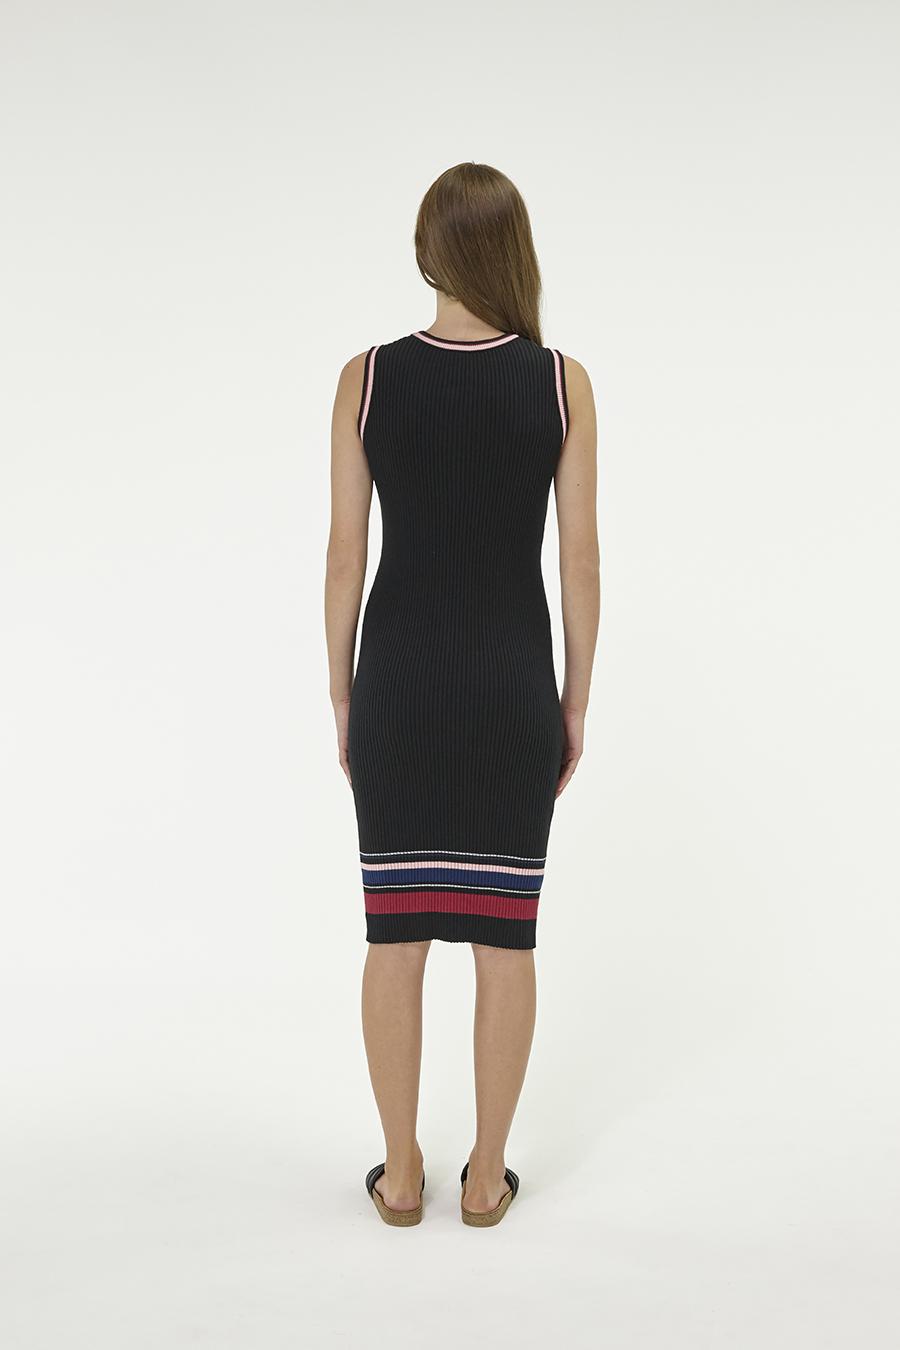 Huffer_Q3-16_W-Rogue-Rib-Dress_Black-03